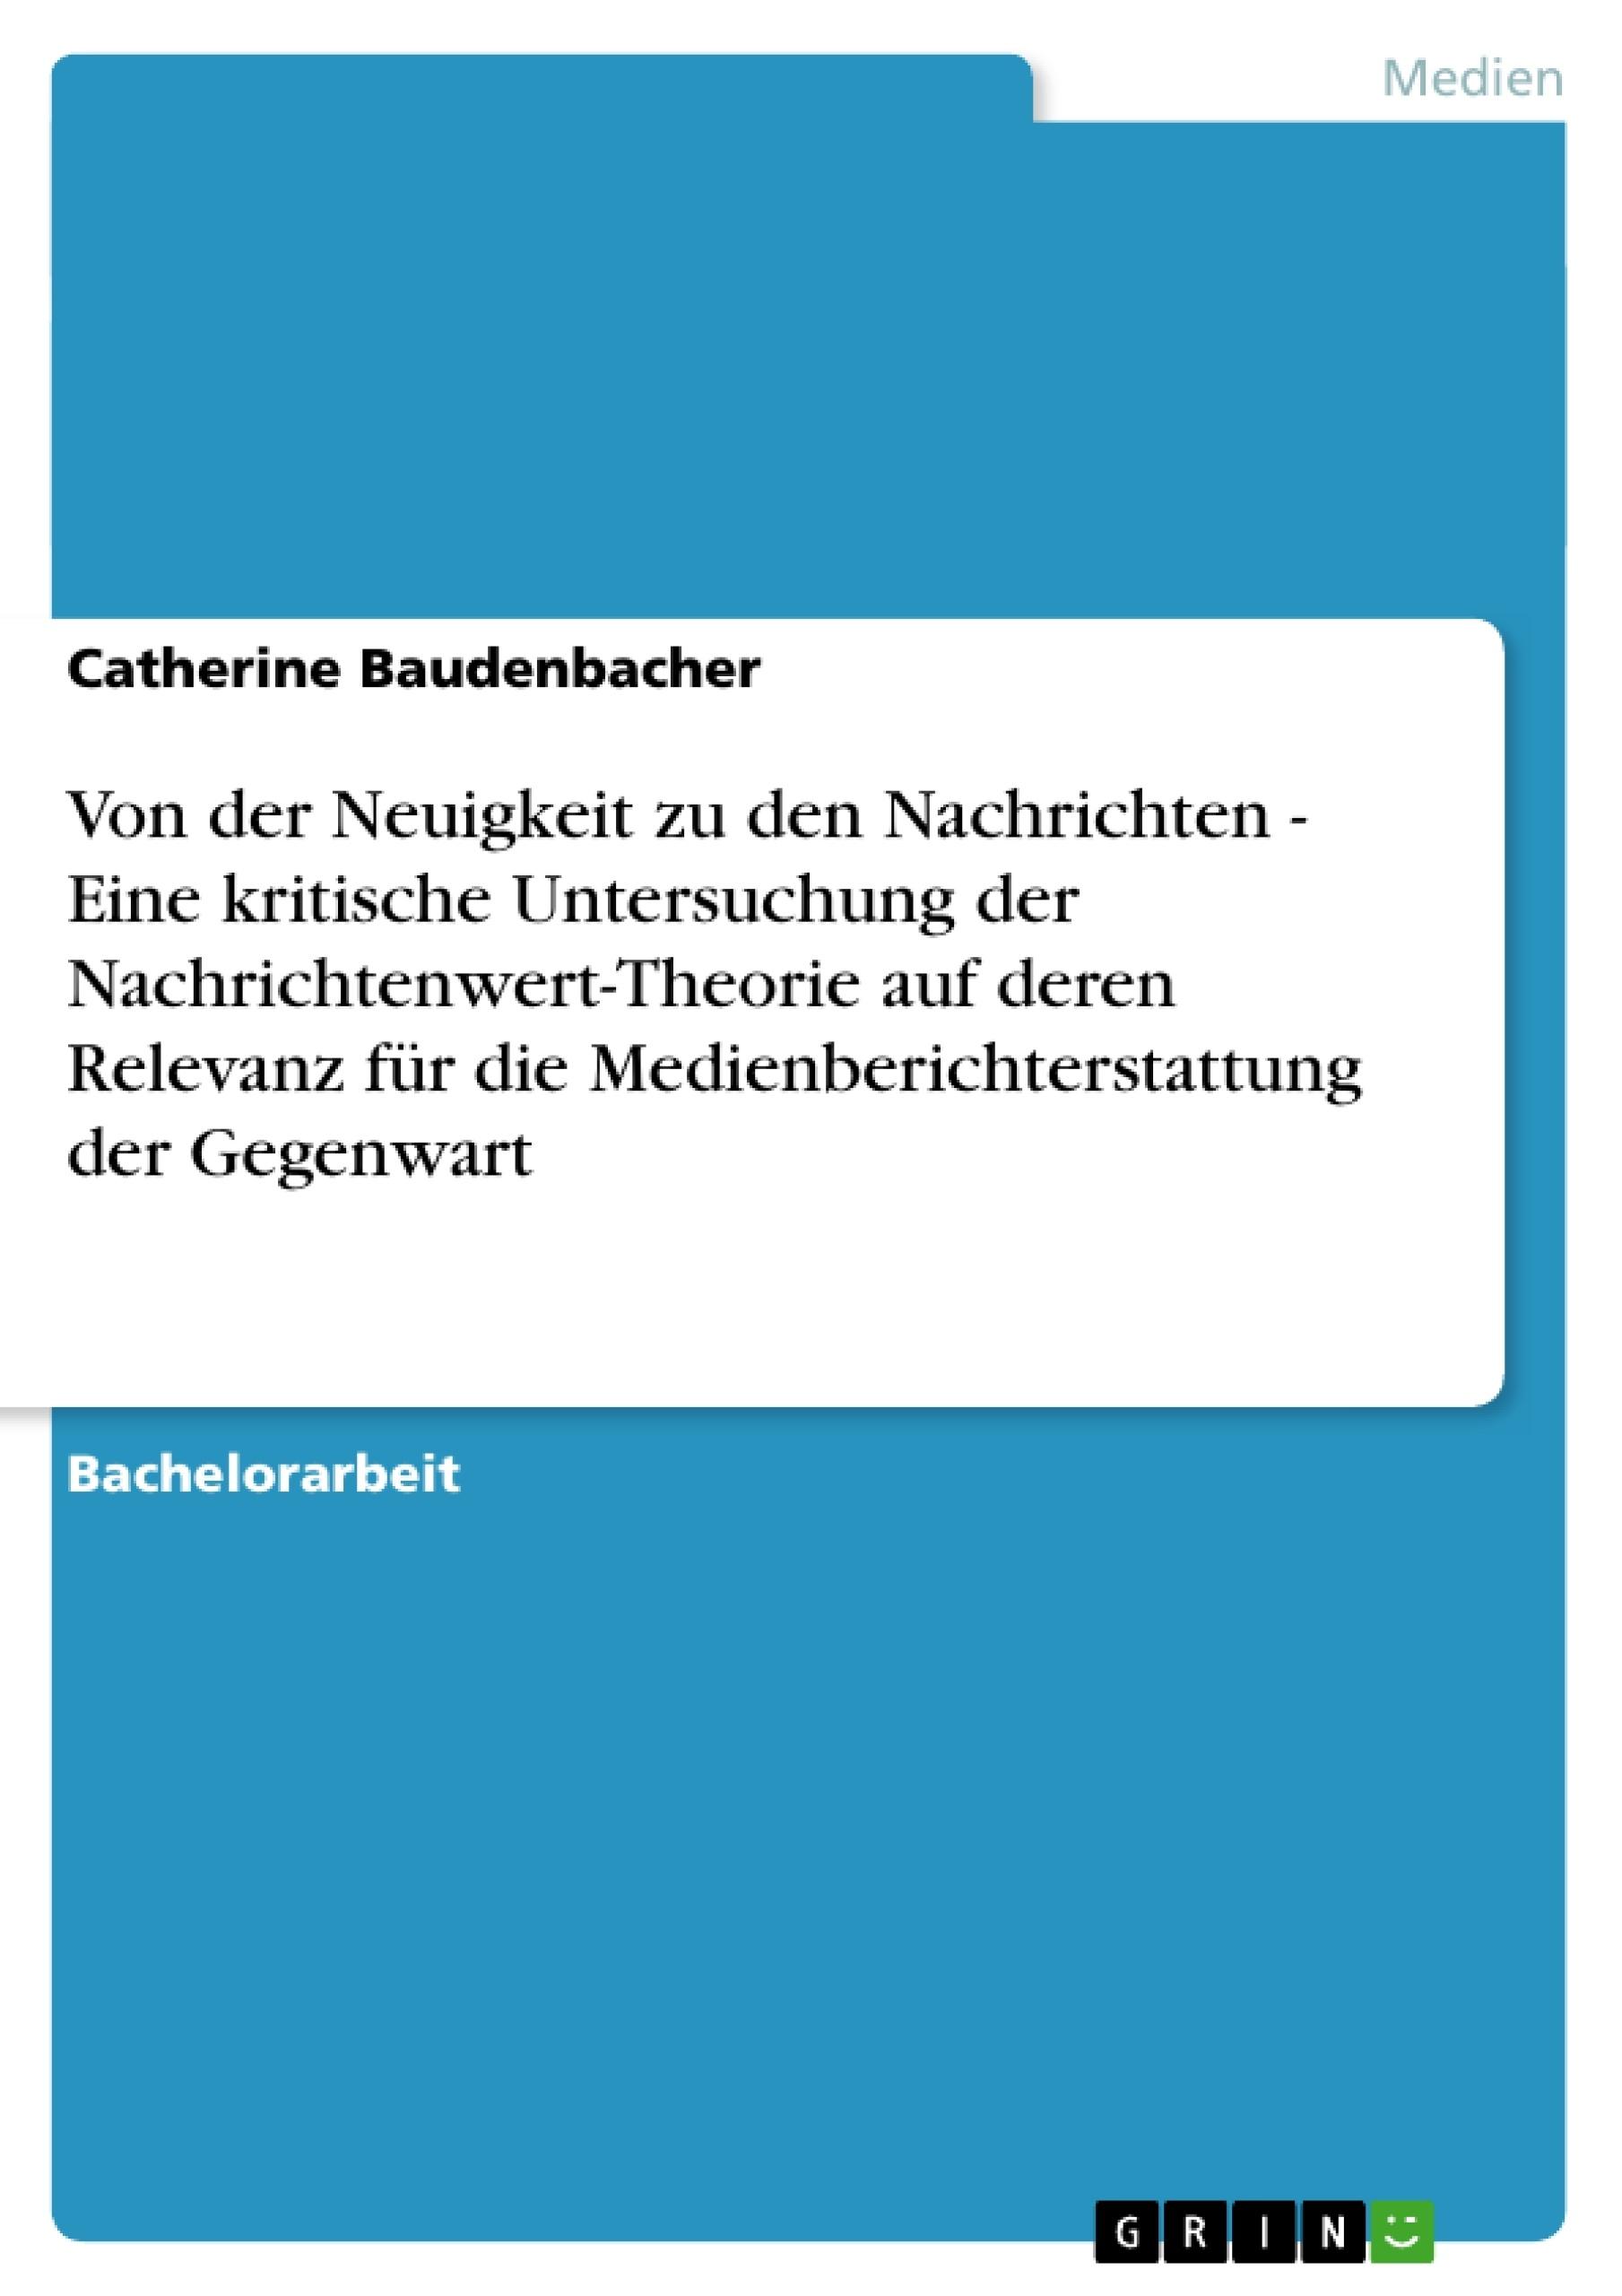 Titel: Von der Neuigkeit zu den Nachrichten - Eine kritische Untersuchung der Nachrichtenwert-Theorie auf deren Relevanz für die Medienberichterstattung der Gegenwart